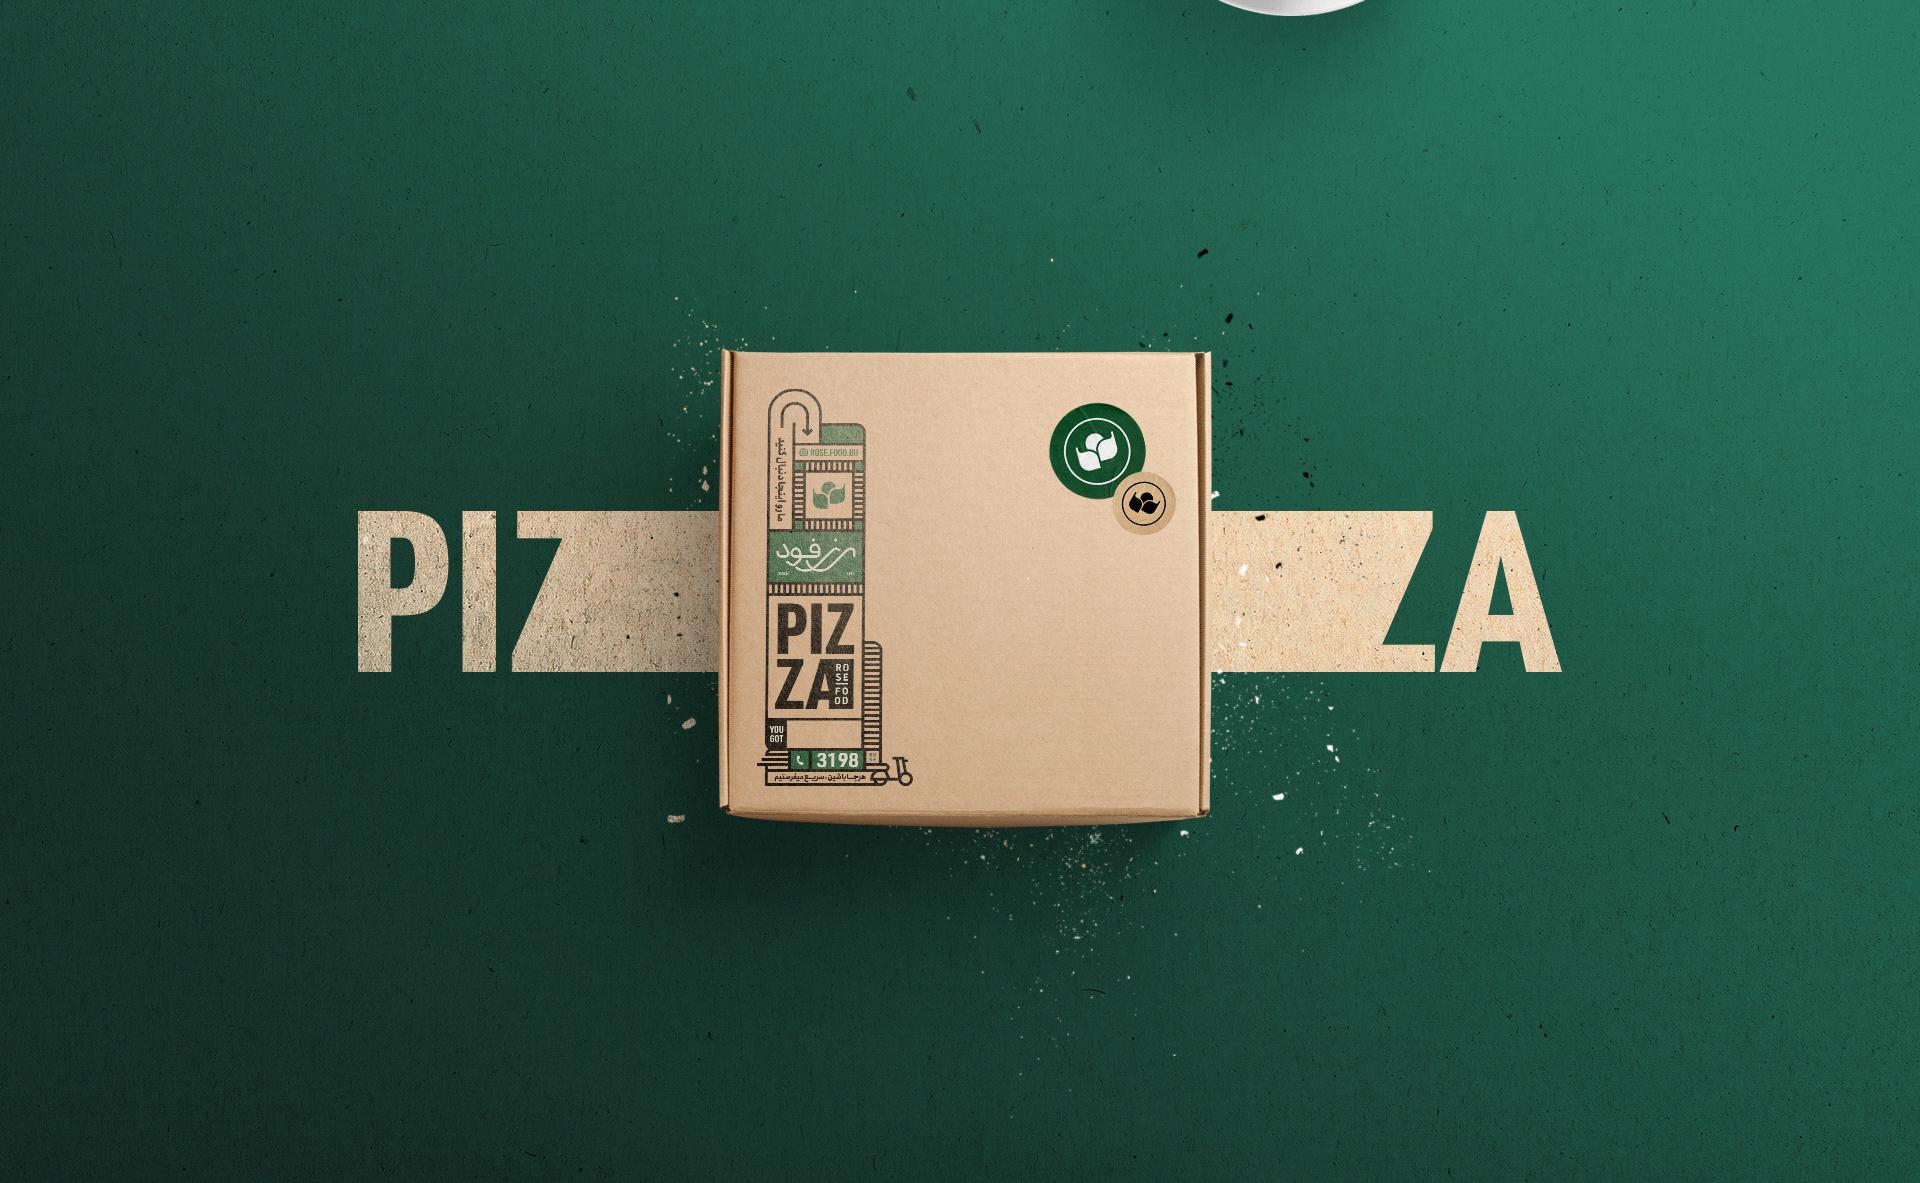 Hộp đựng pizza giá rẻ